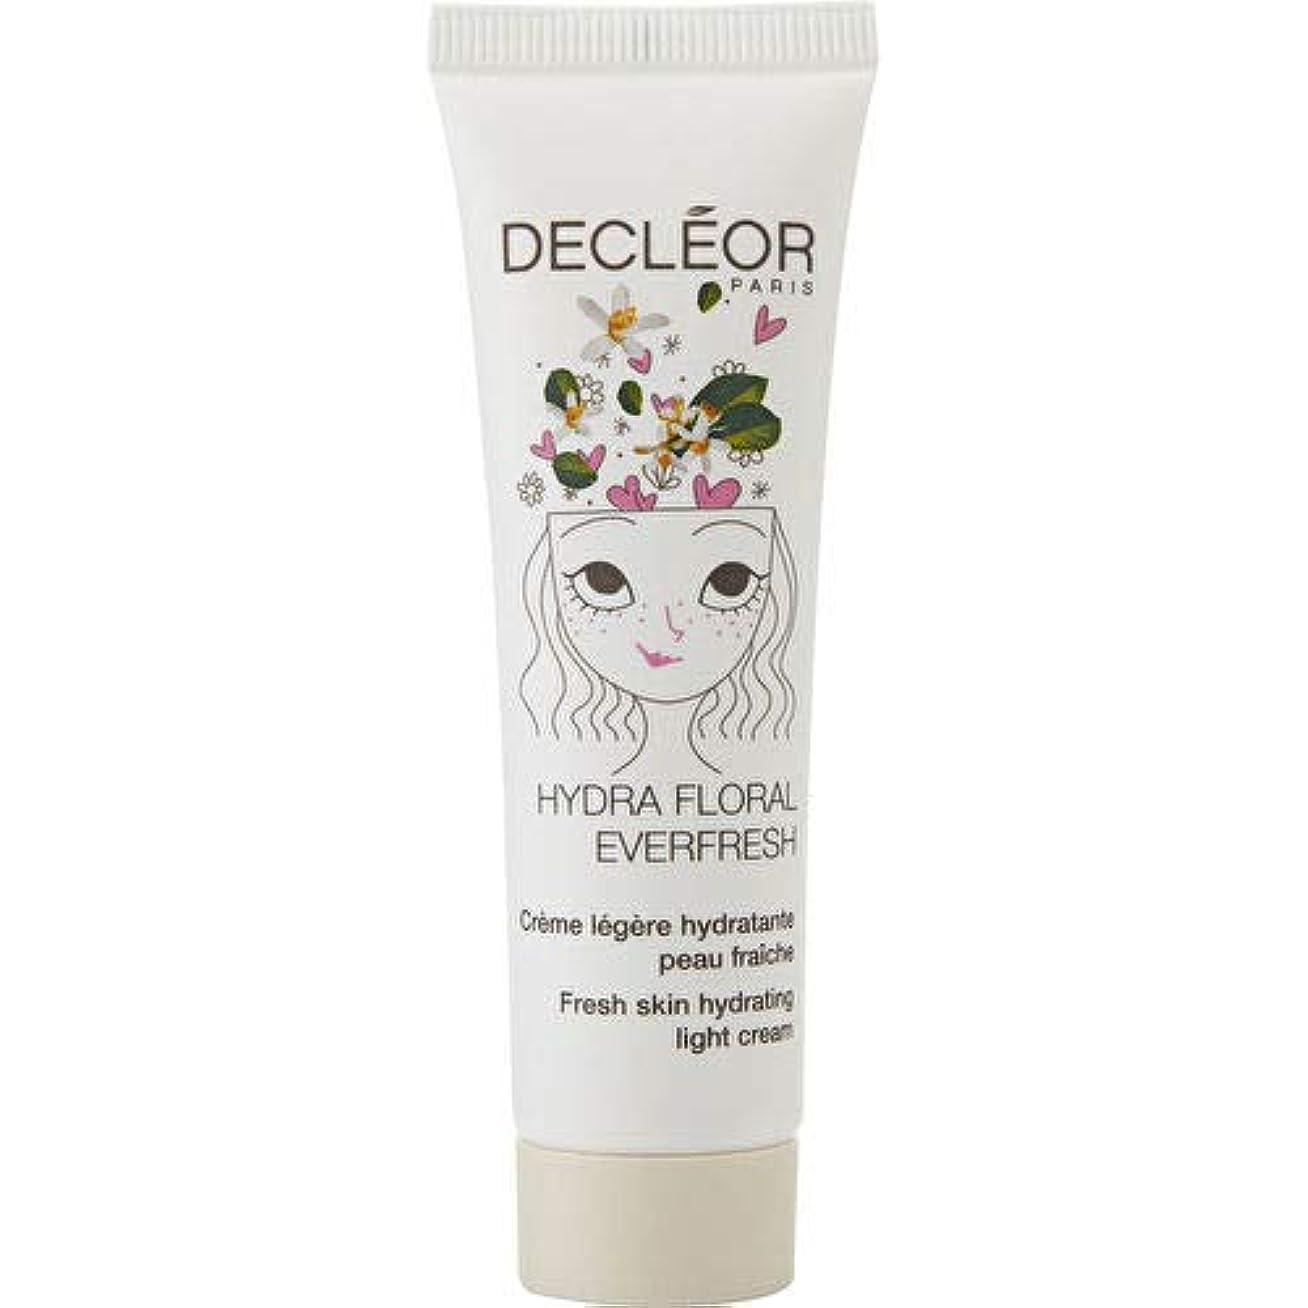 妥協について幸運なことにデクレオール Hydra Floral Everfresh Fresh Skin Hydrating Light Cream - For Dehydrated Skin 30ml/1oz並行輸入品